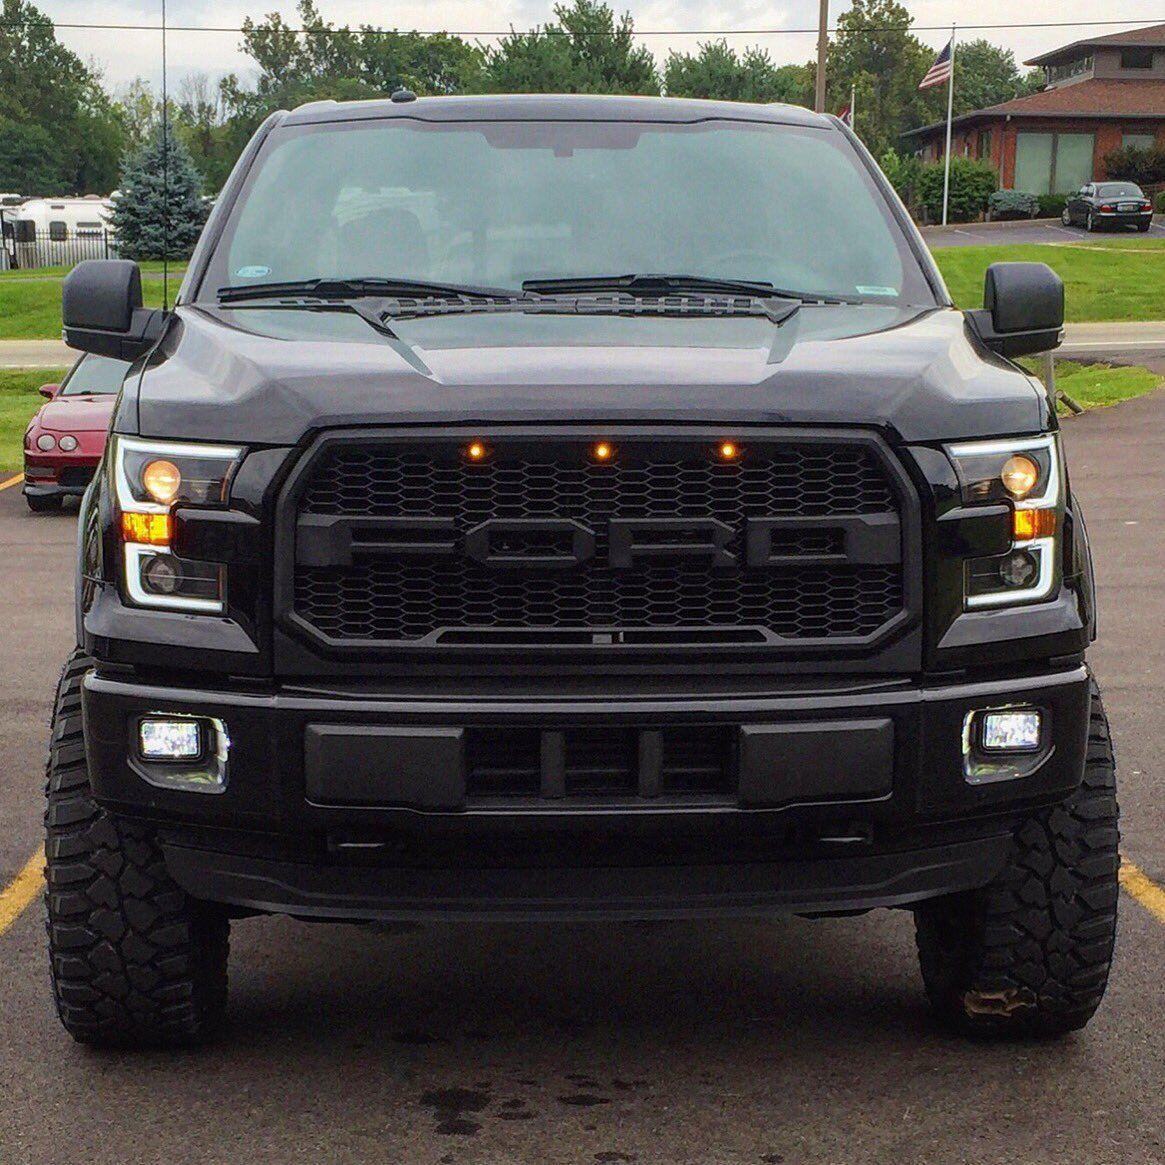 Ford F150 Accessories, New Trucks